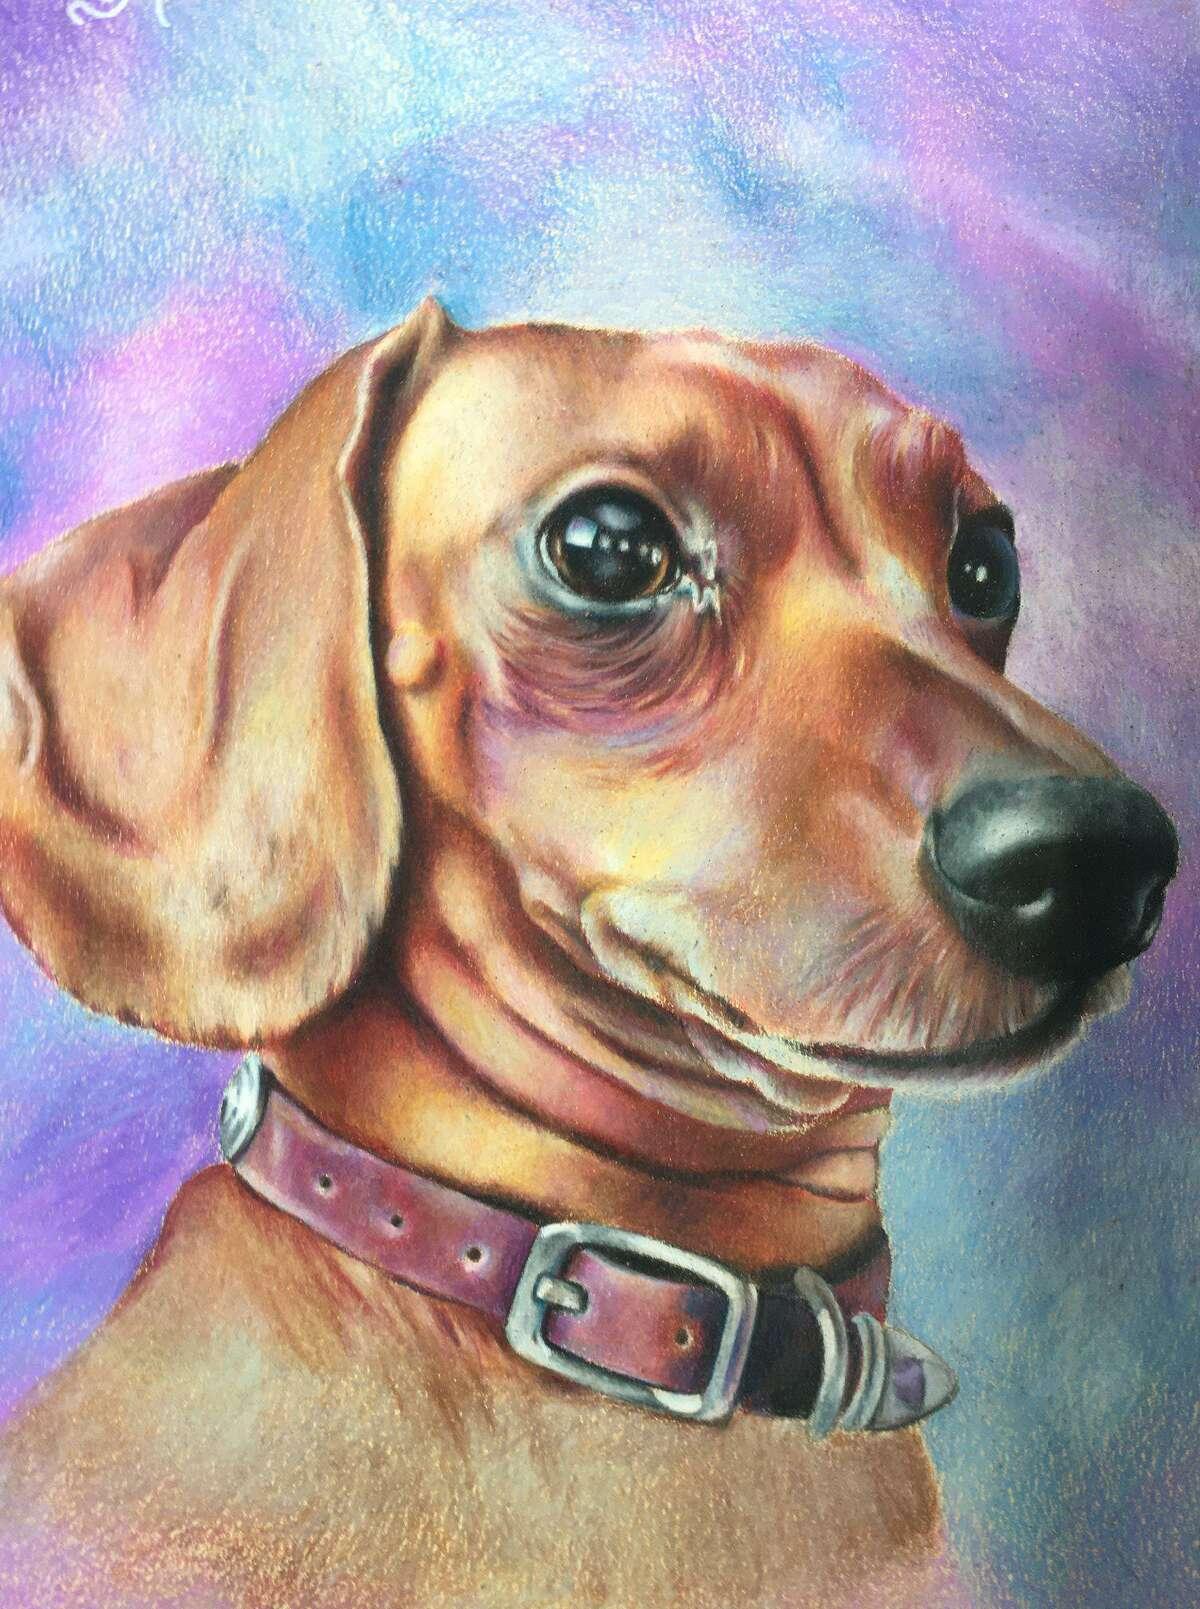 Varia Martynova, age 15, creates custom pet portraits.